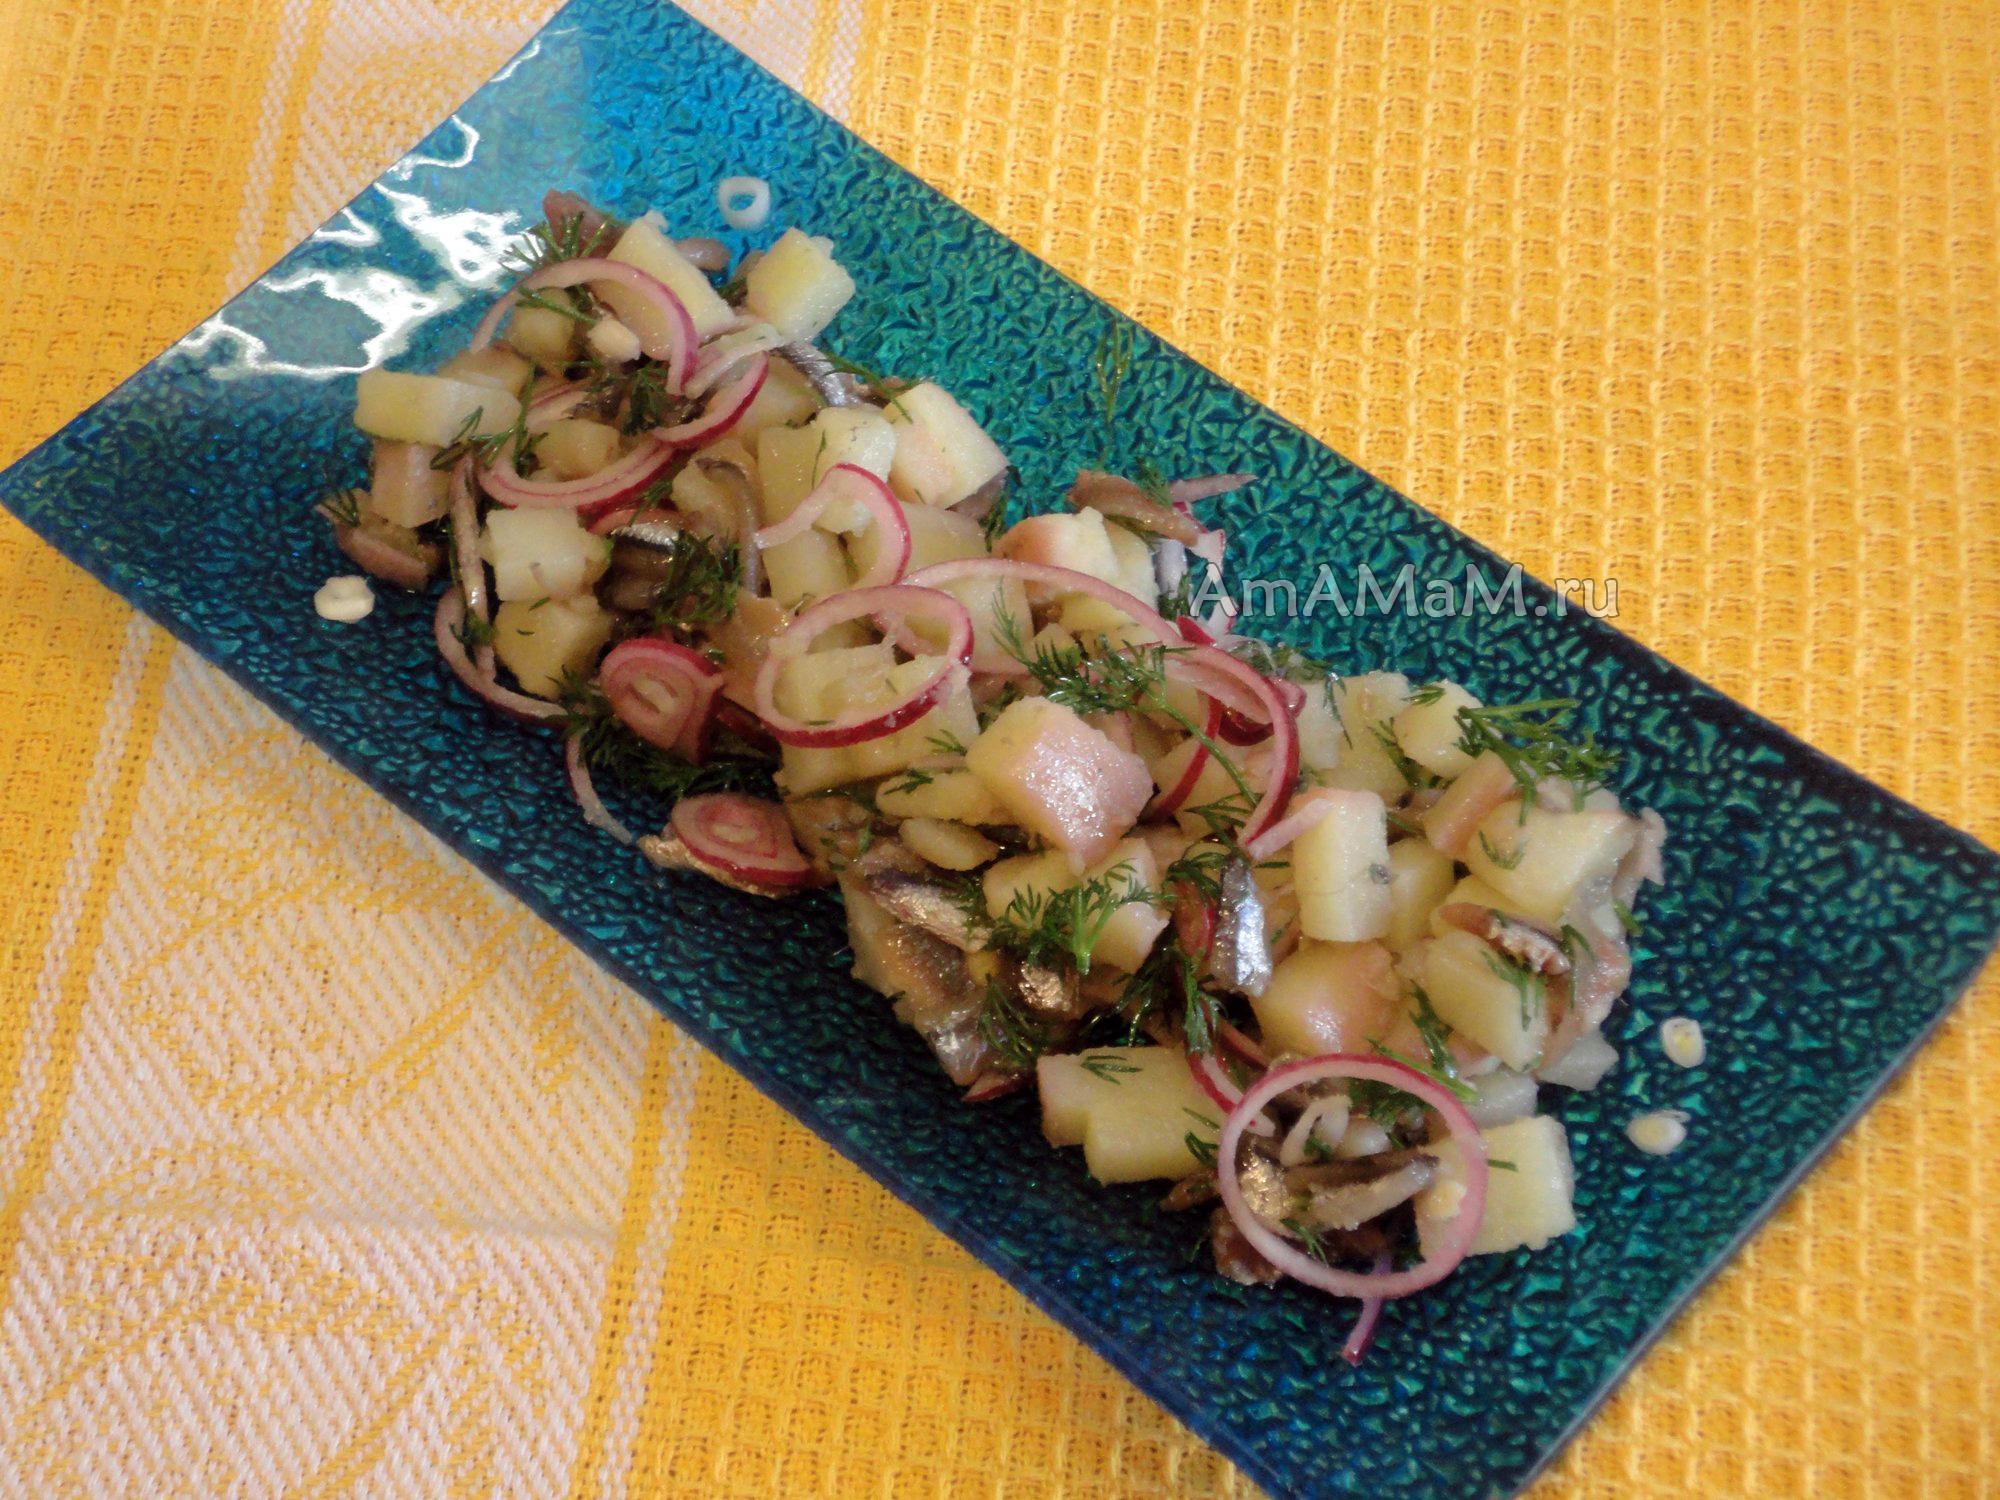 рыбный салат рецепт с фото очень вкусный с